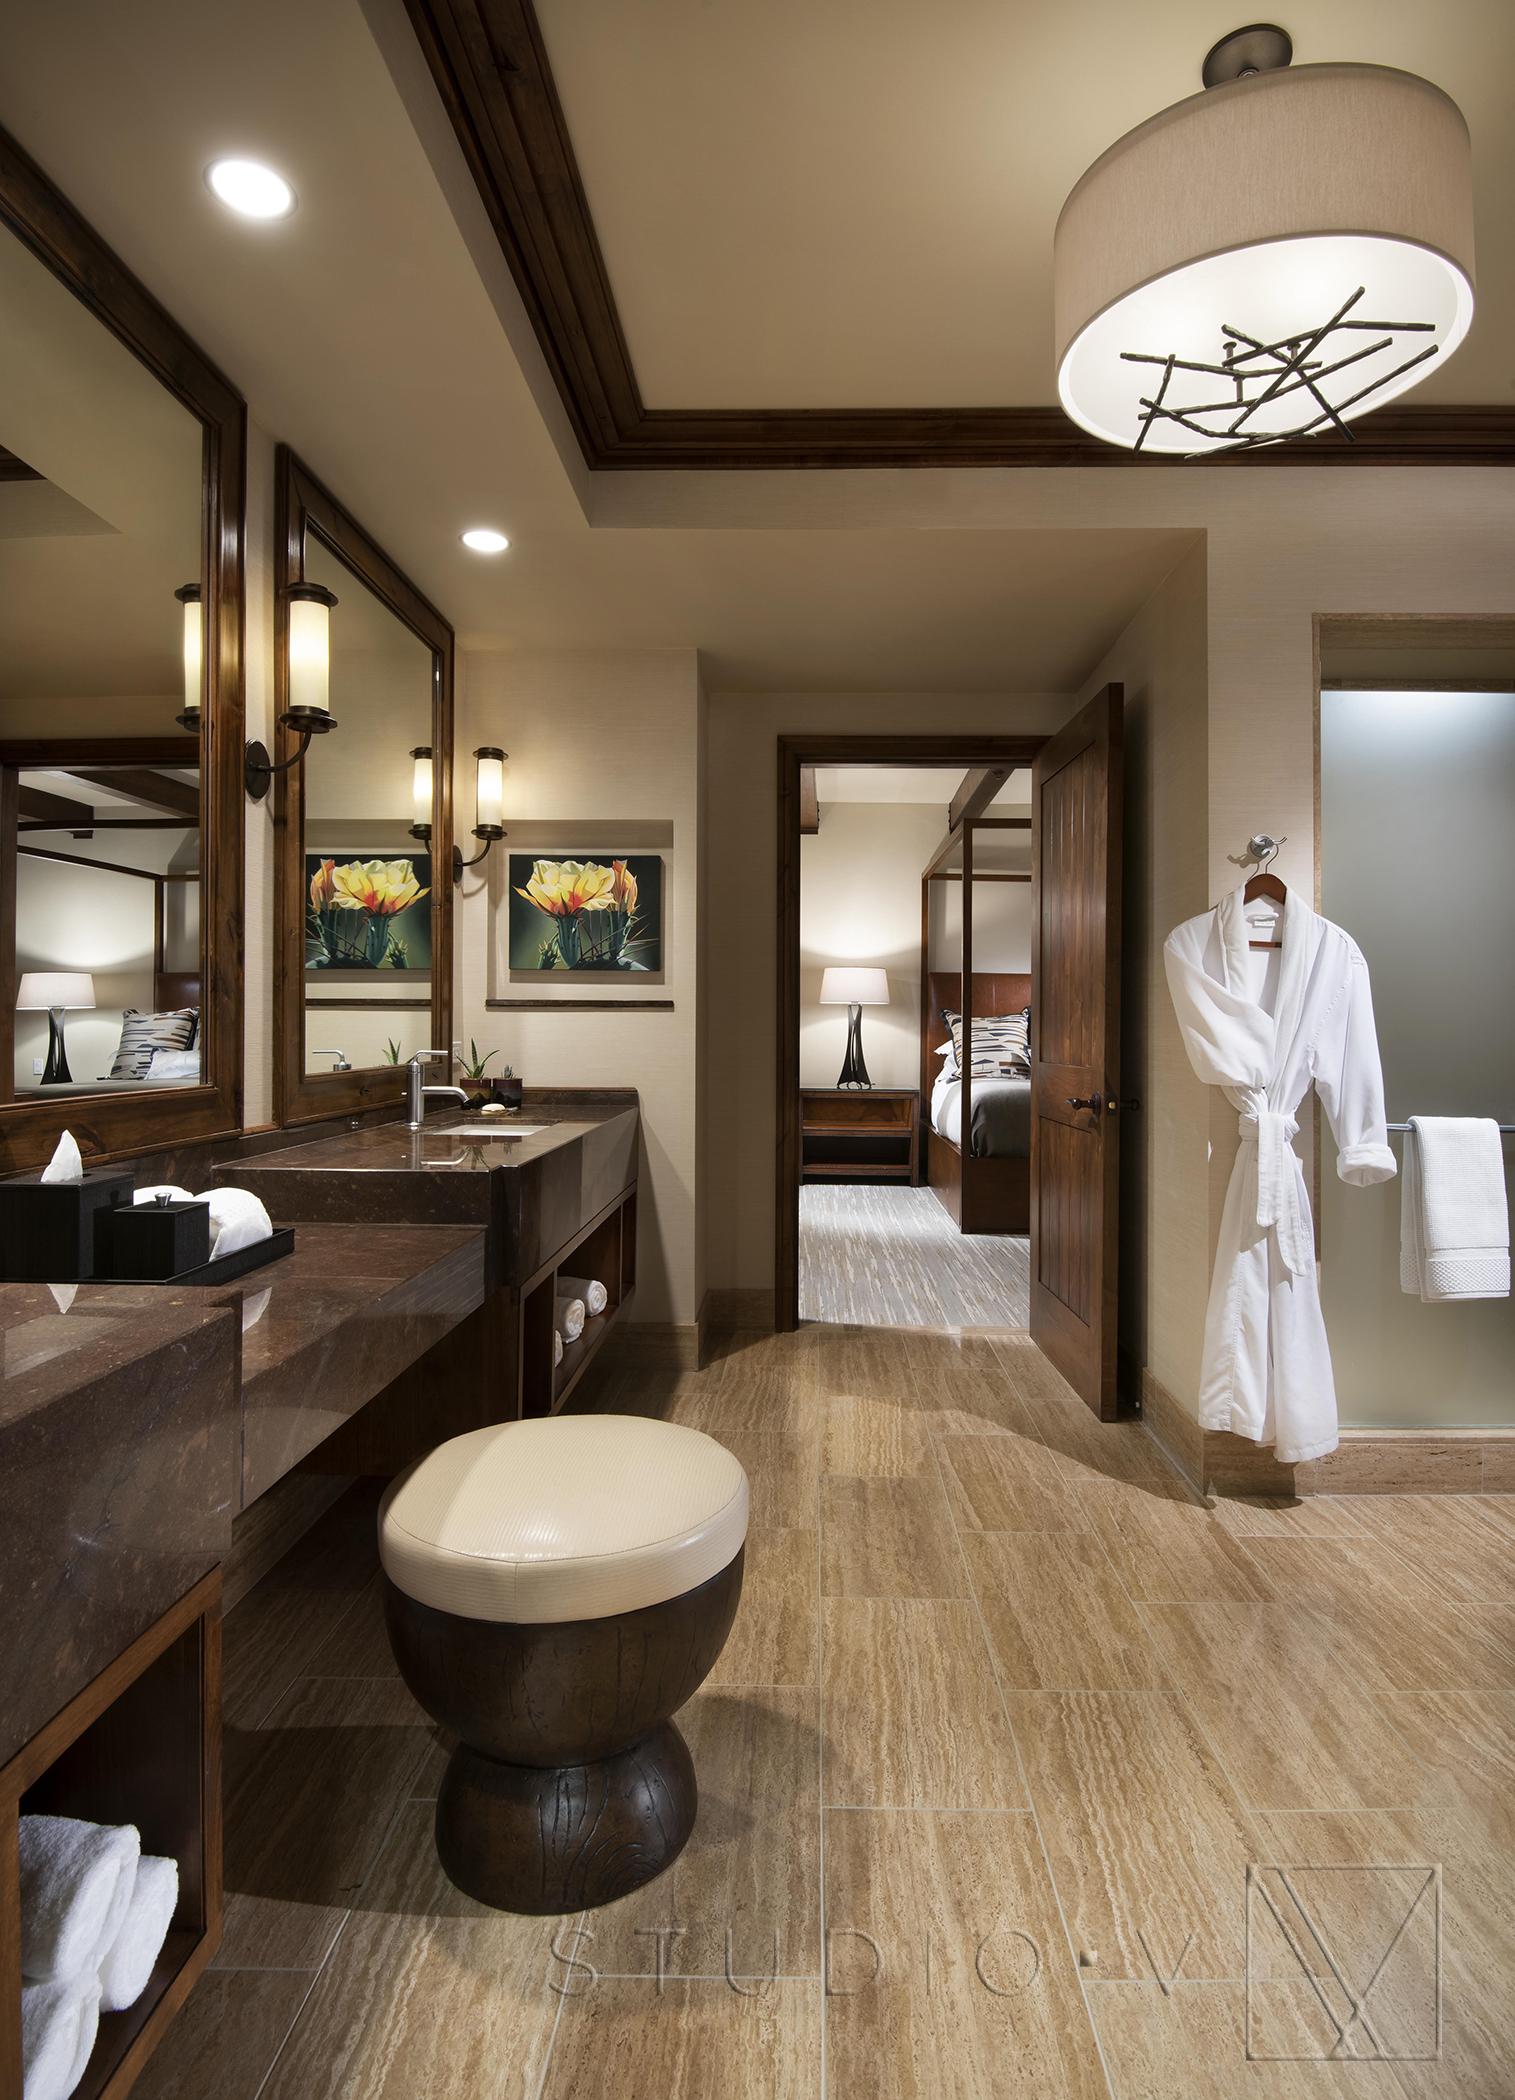 Dino Tonn 3618 RC Suite Master Bath 11 Jan 19.jpg